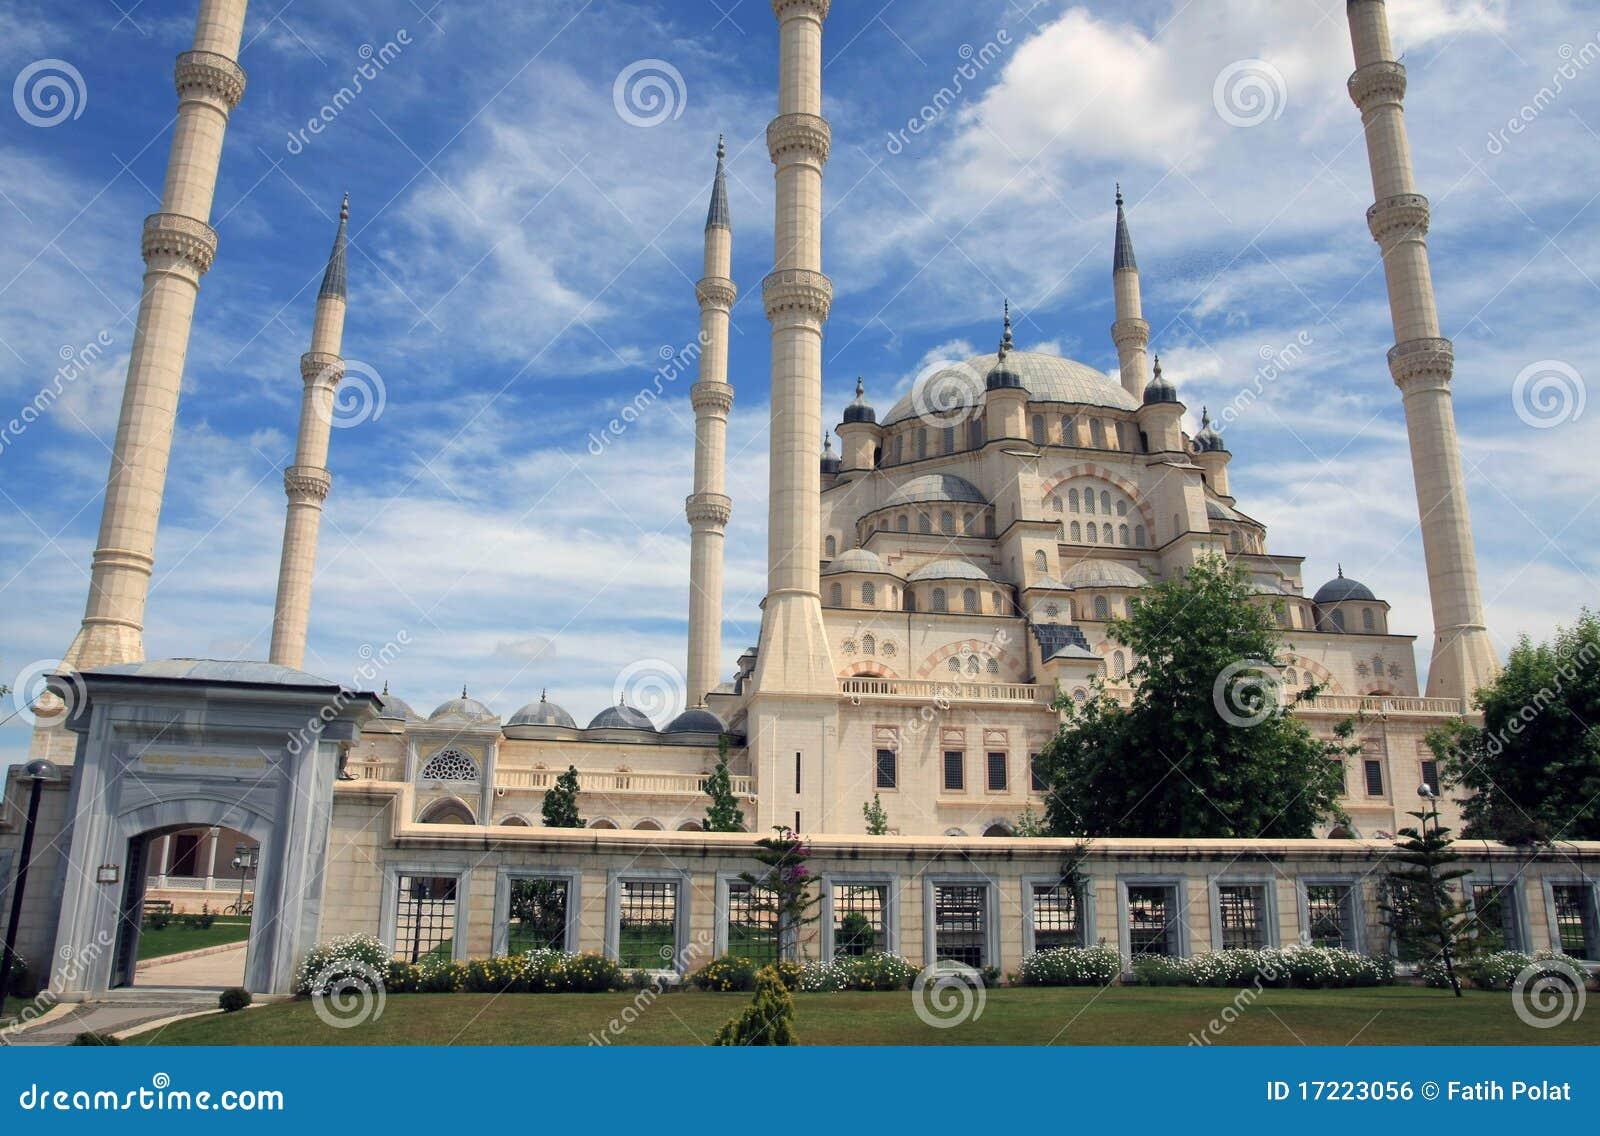 Moschea centrale di Sabanci in Adana.